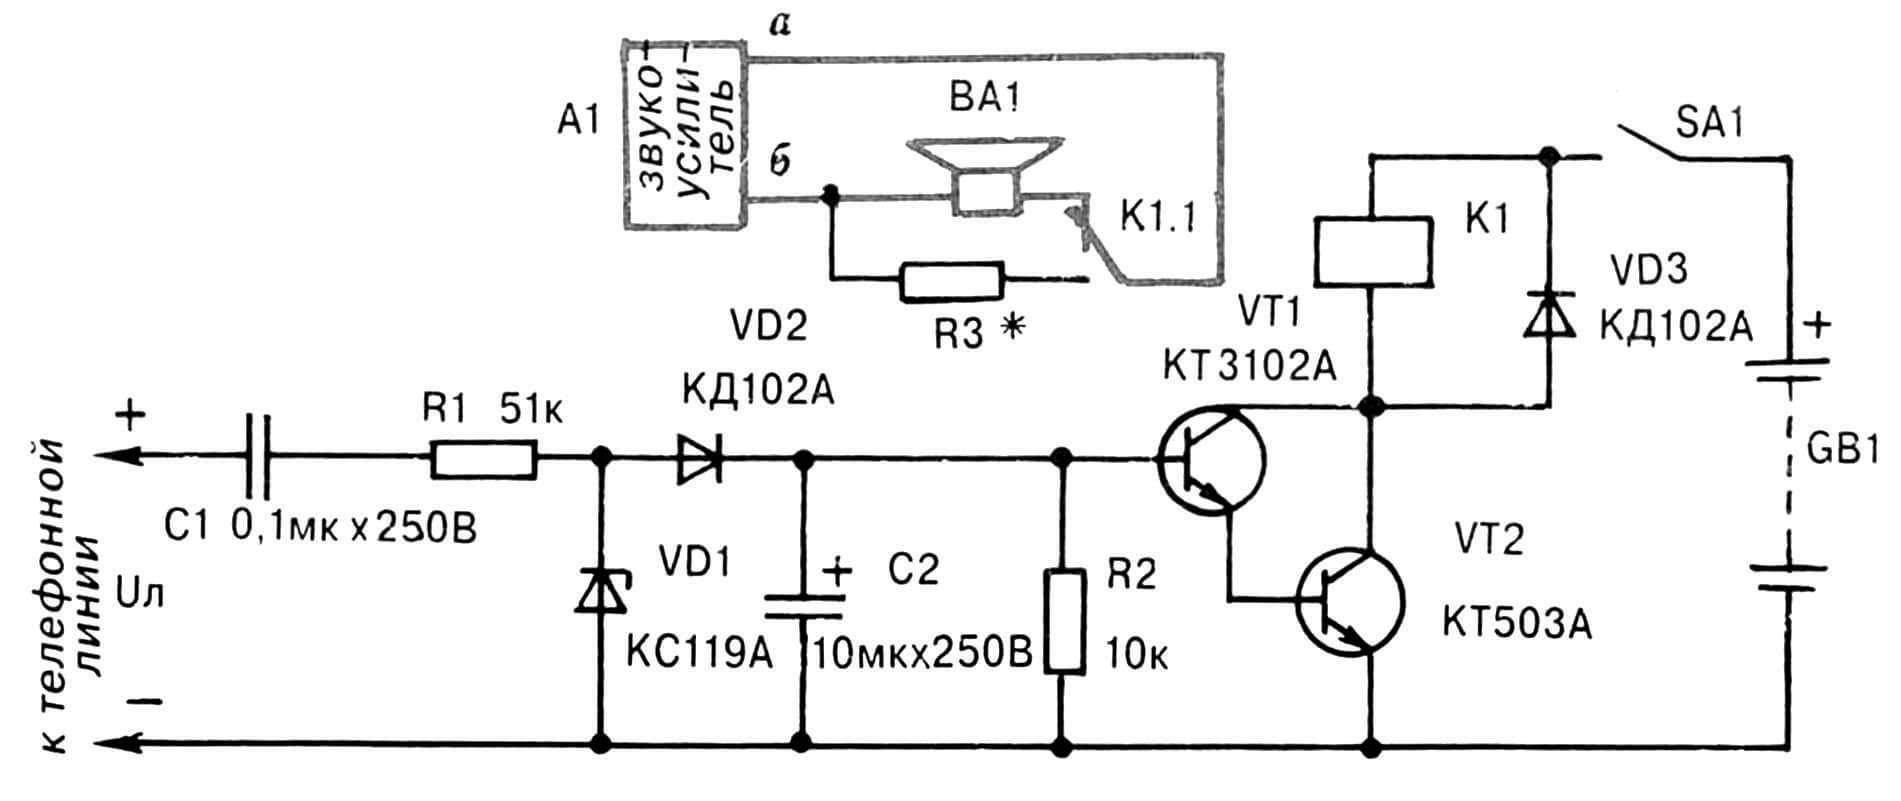 Принципиальная электрическая схема устройства, автоматически отключающего бытовую аудио- и видеоаппаратуру с поступлением телефонного звонка.